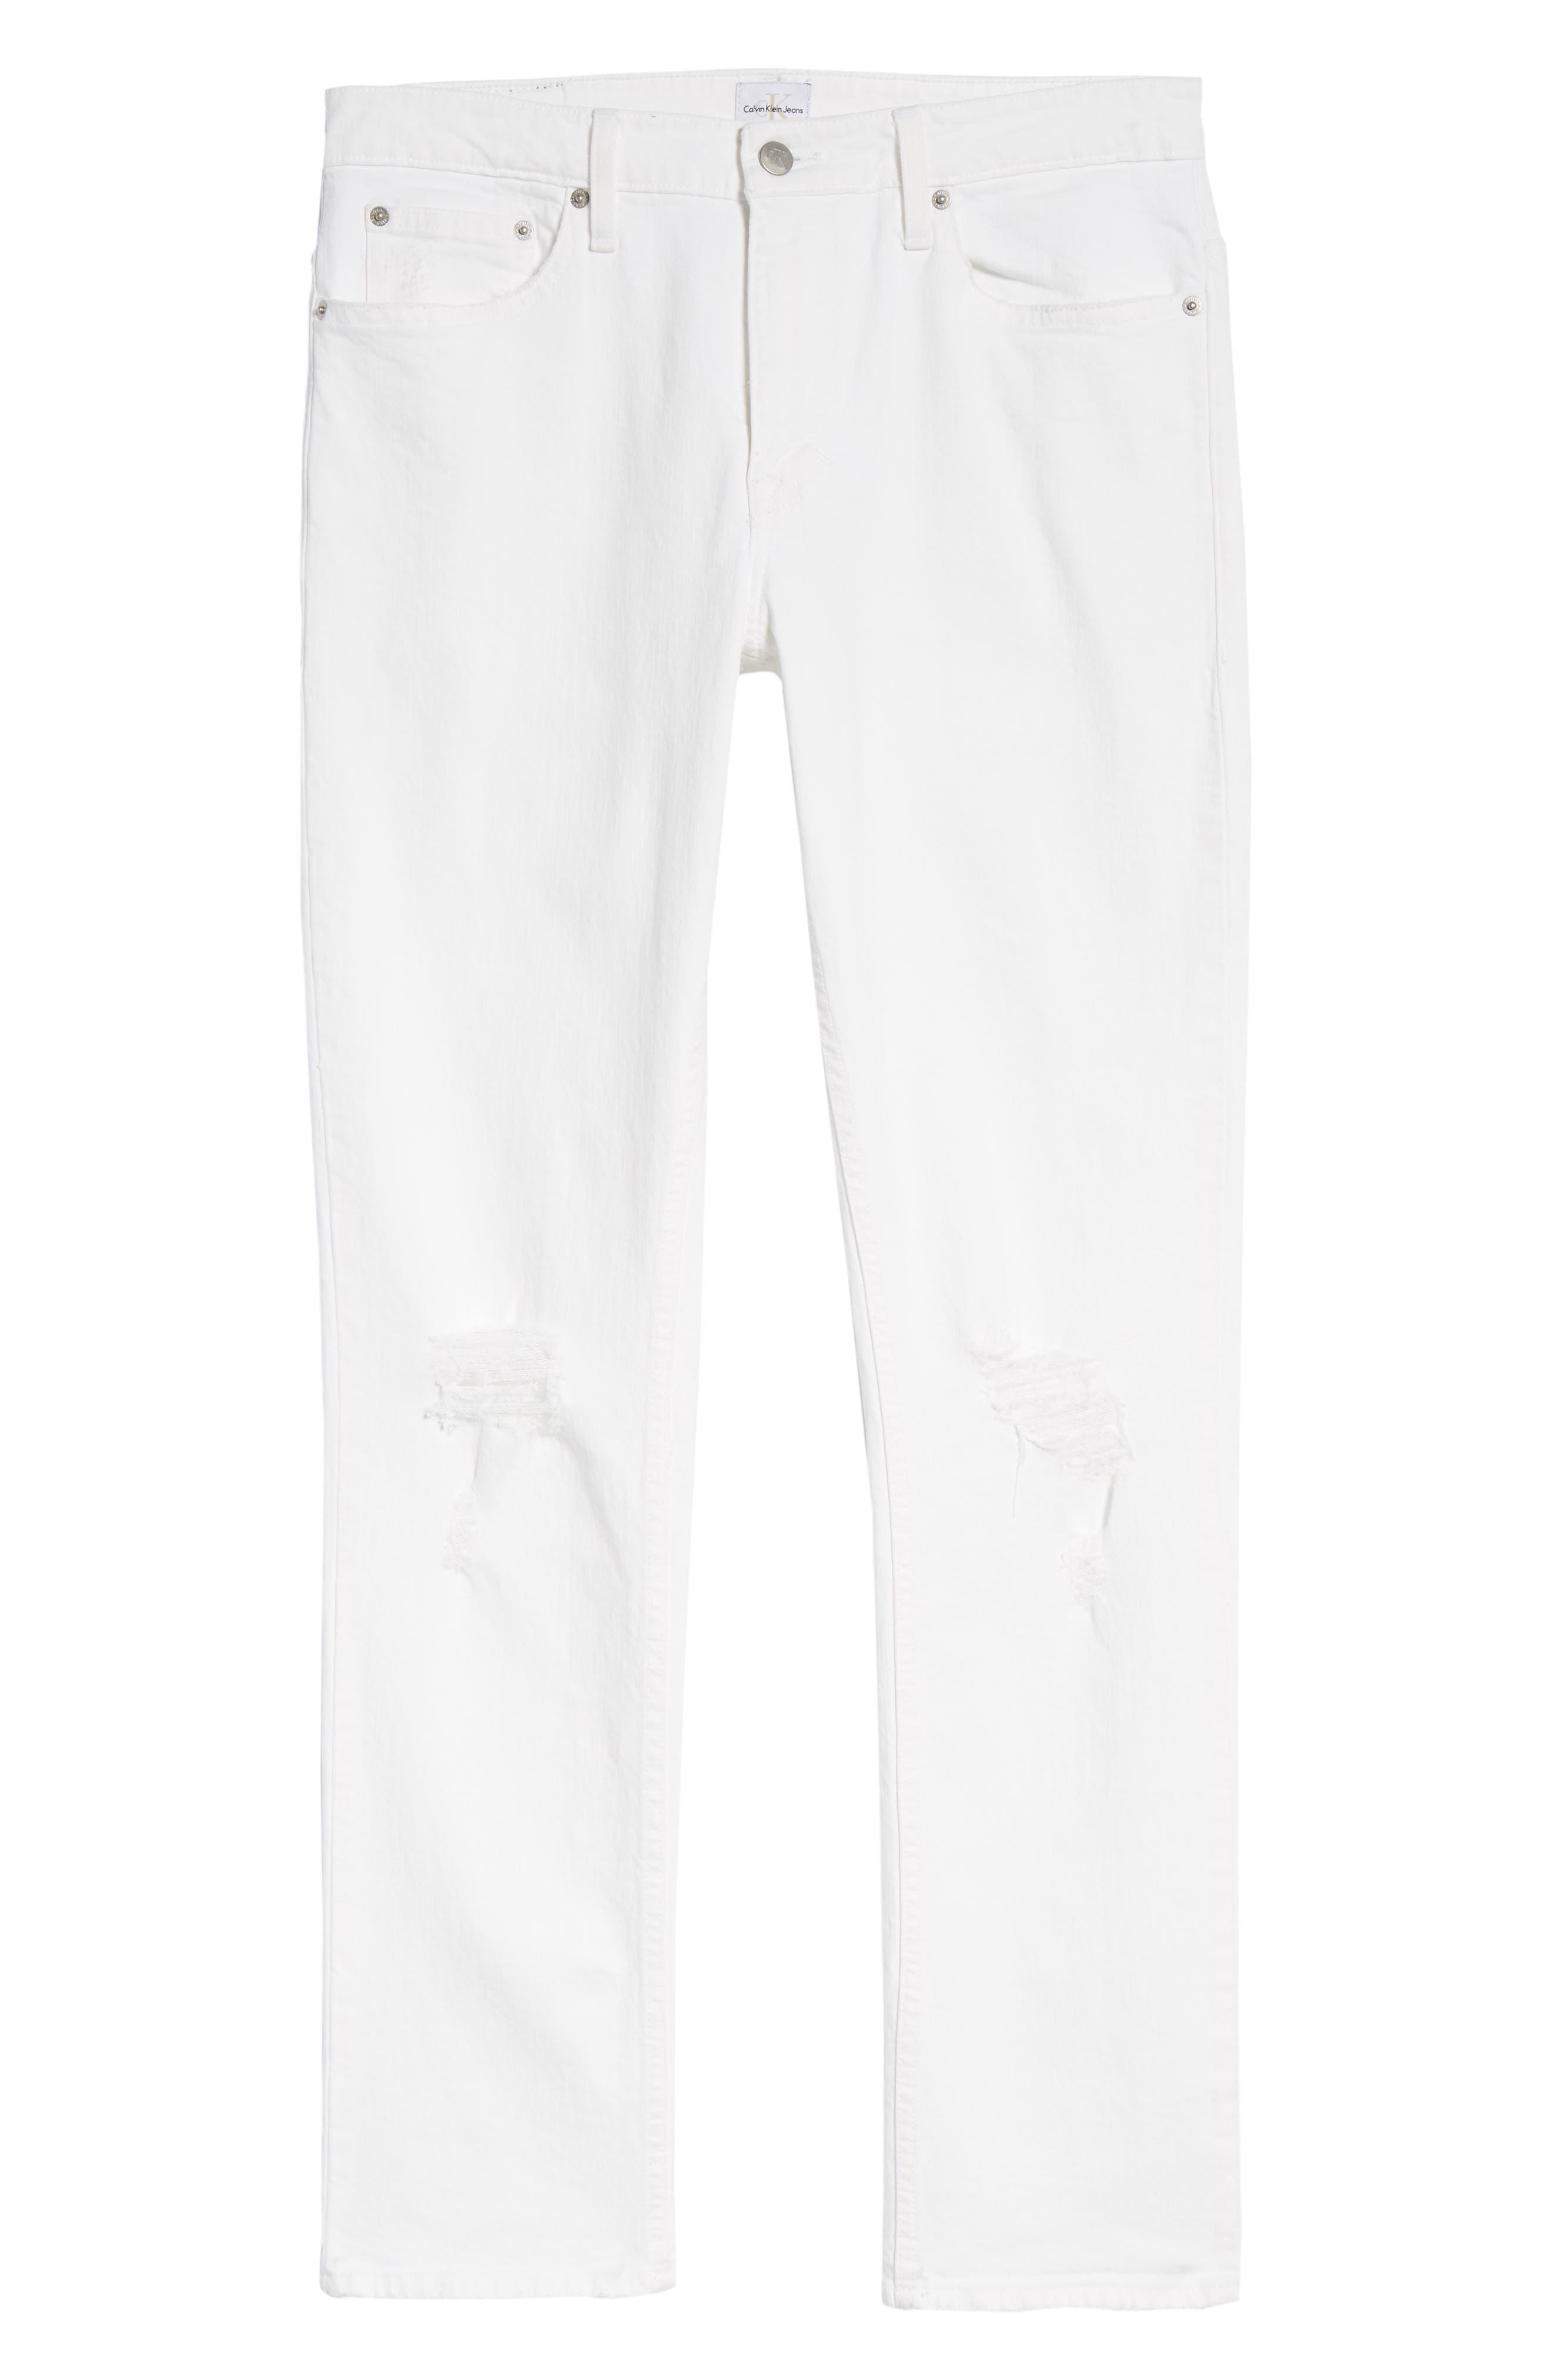 Skinny Jeans,                             Alternate thumbnail 6, color,                             Door White Destruct